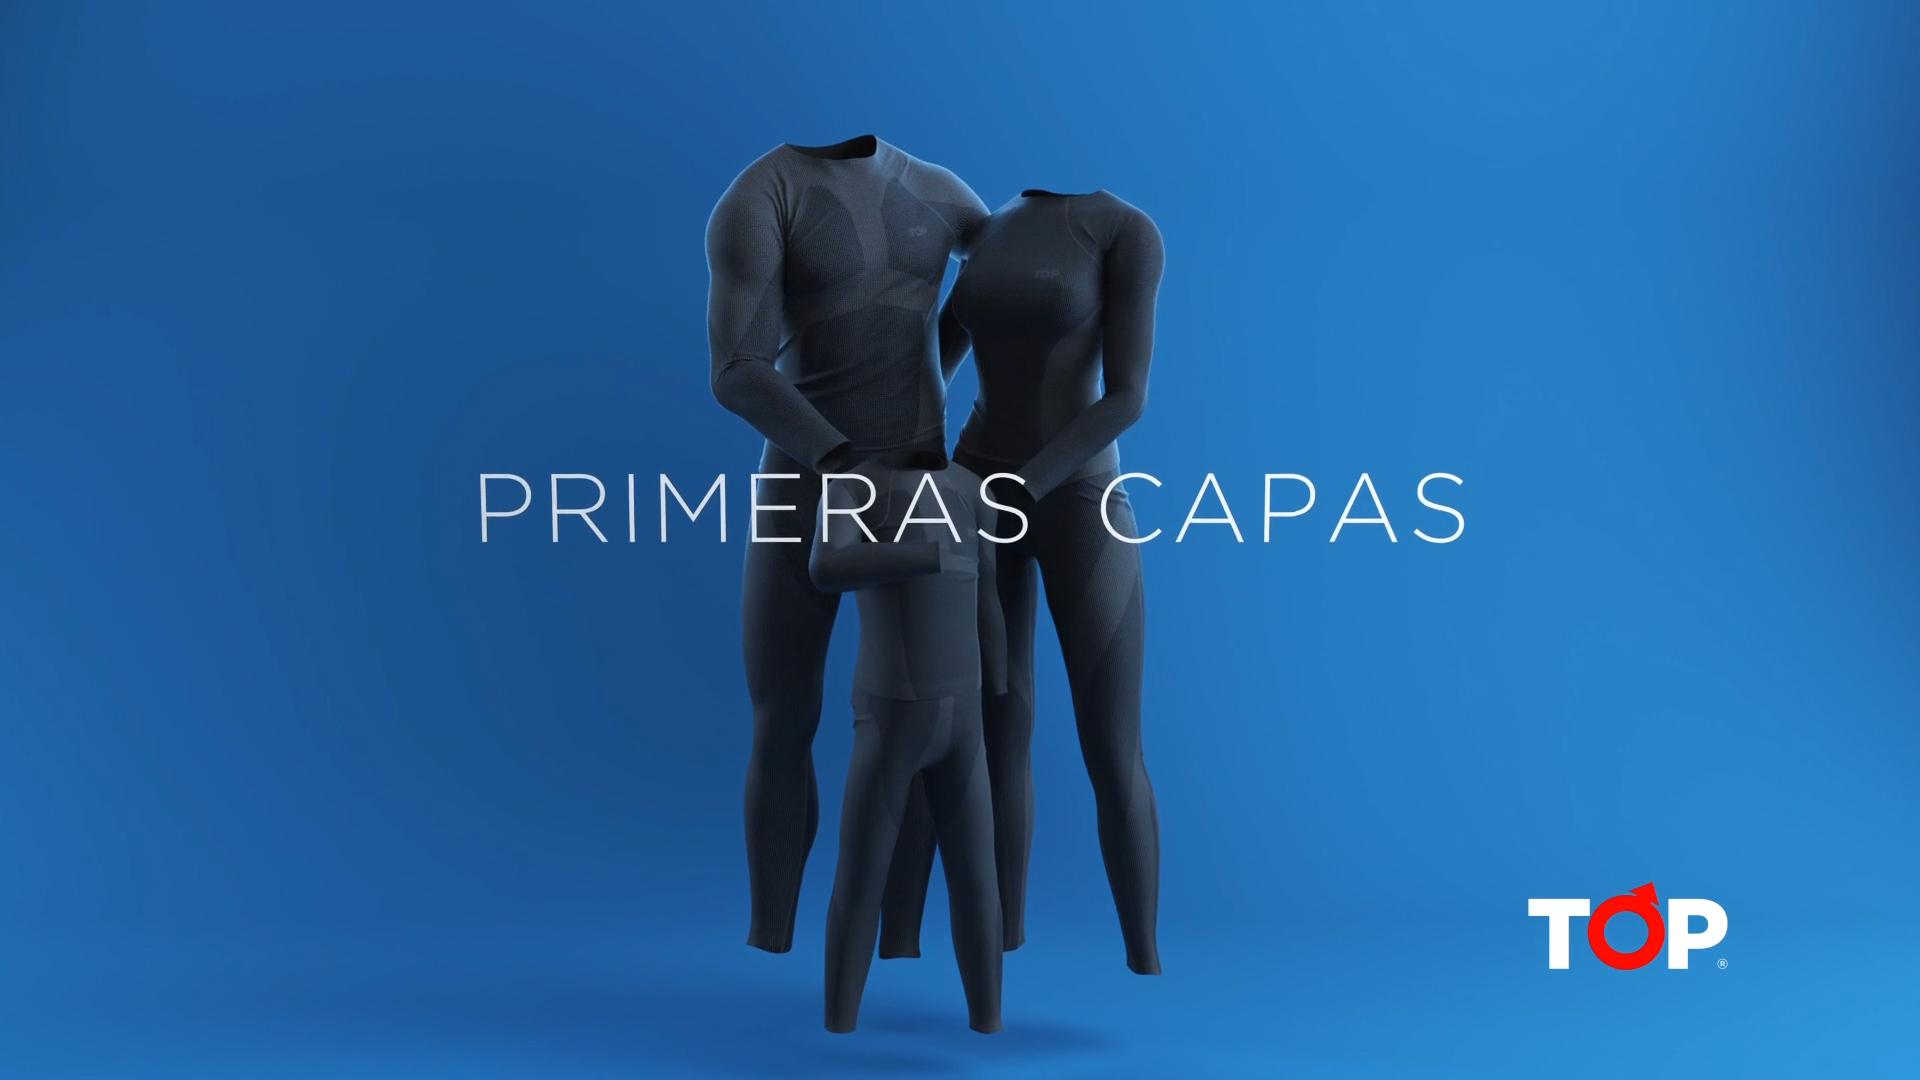 TOP PRIMERAS 2021